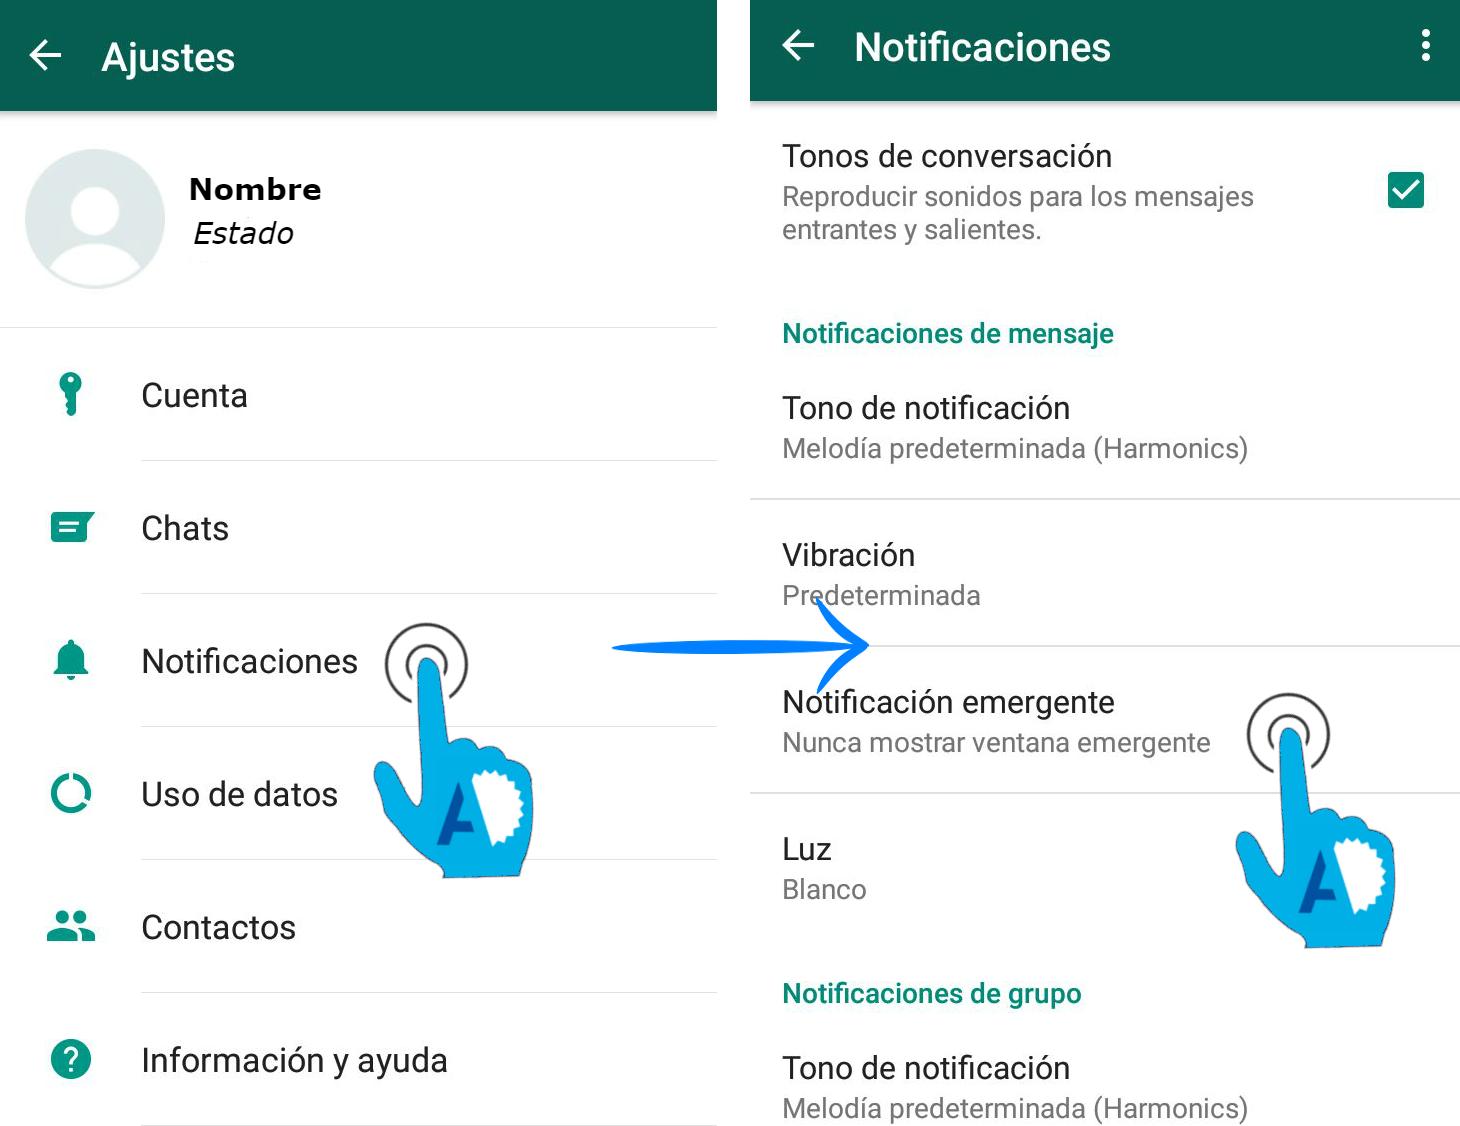 como-activar-las-notificaciones-emergentes-segundo-paso